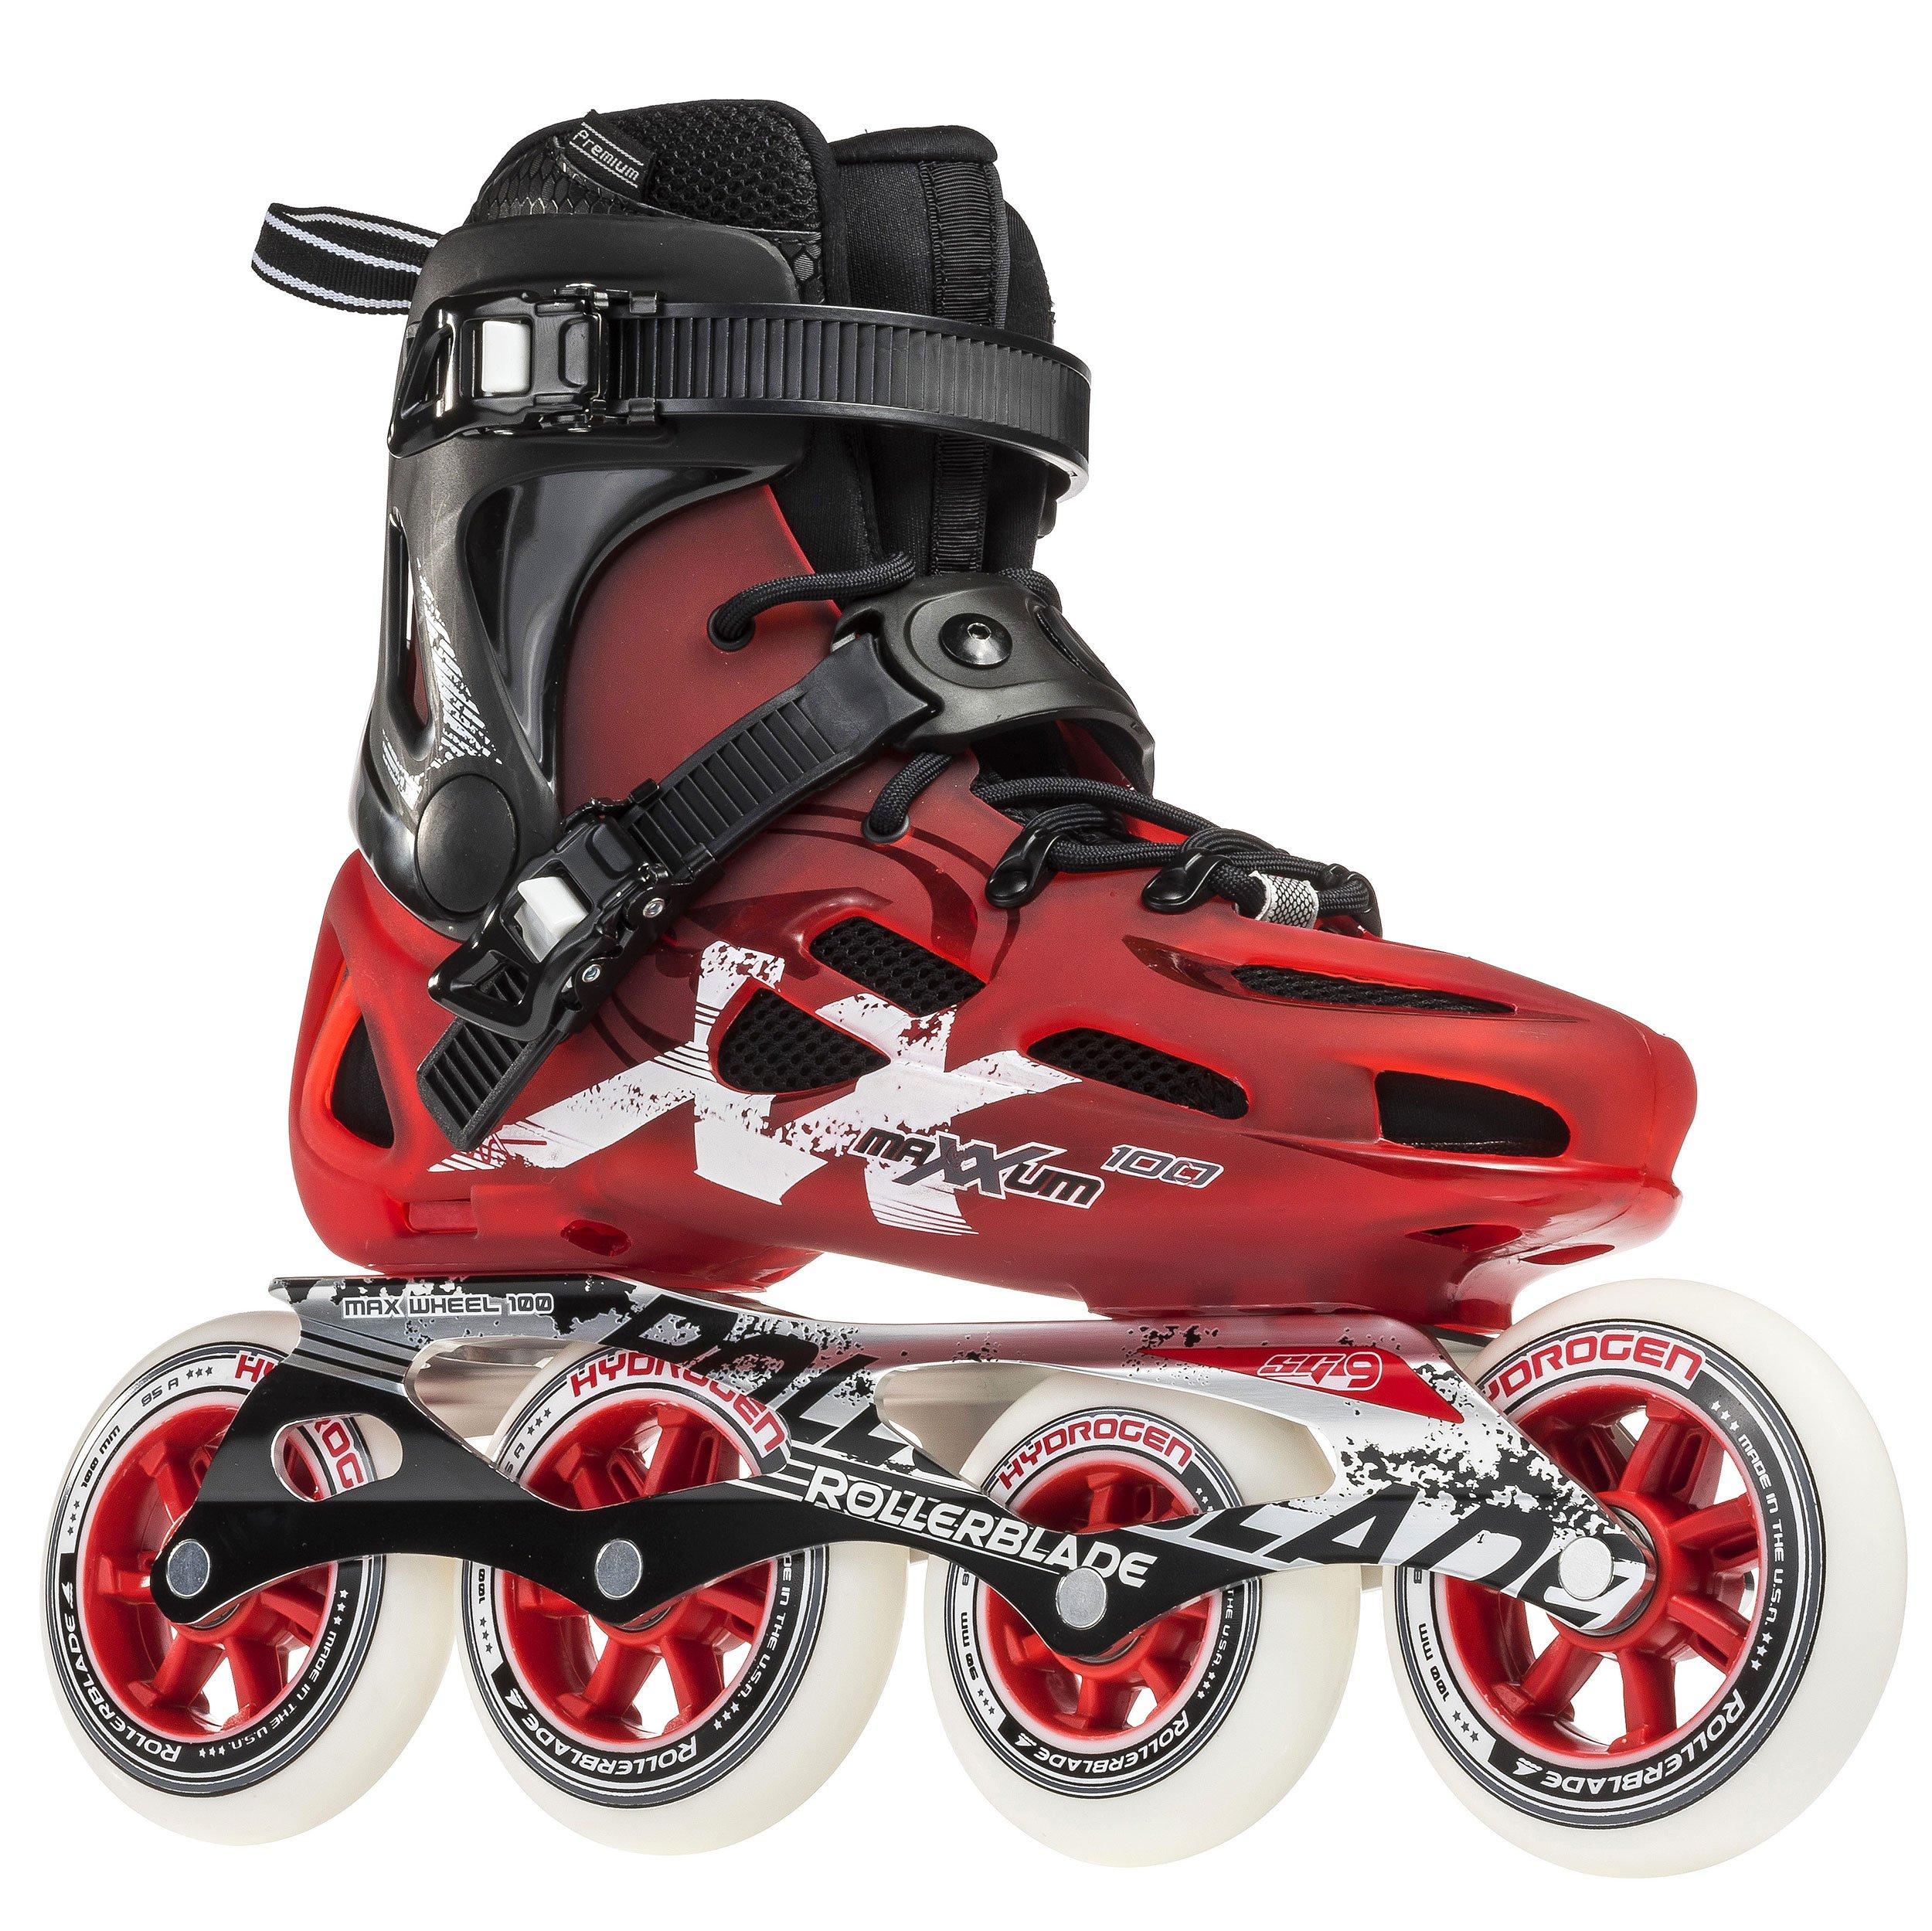 Rollerblade Maxxum 100 Premium Fitness Inline Skate by Rollerblade